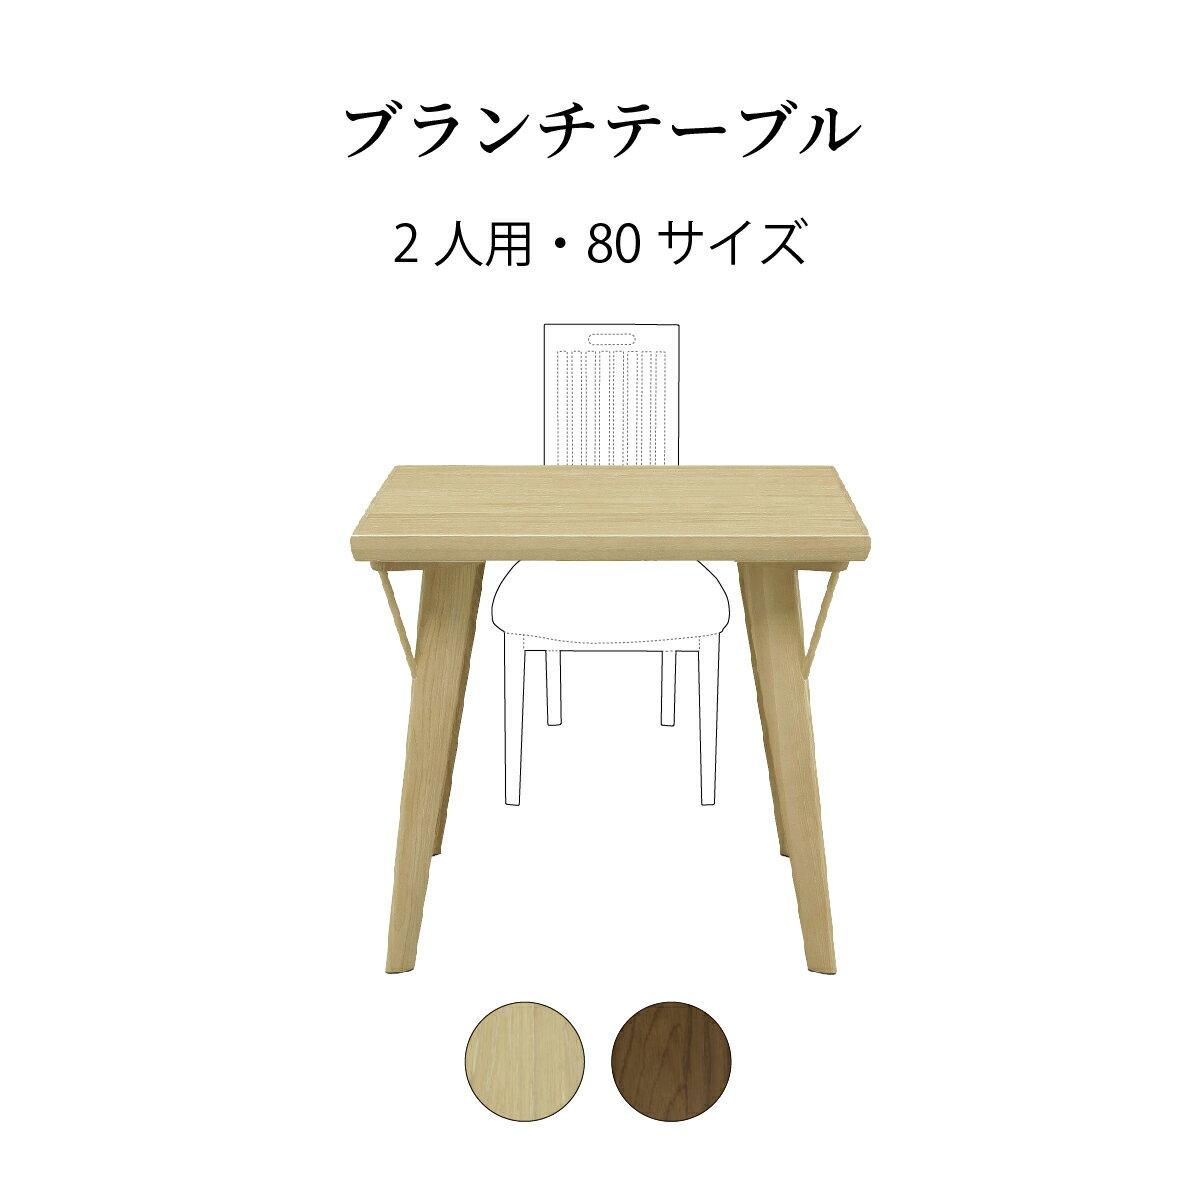 ダイニングテーブル 北欧 テーブル 木製 コンパクト かわいい リビングテーブル 食卓 おしゃれ テーブル 木製 正方形 幅 80 cm 2人掛け 二人用 2人用 木目調 白 ホワイト 茶 ブラウン ナチュラル カフェ 風 シンプル 食卓テーブル 2人 小さめ 木目